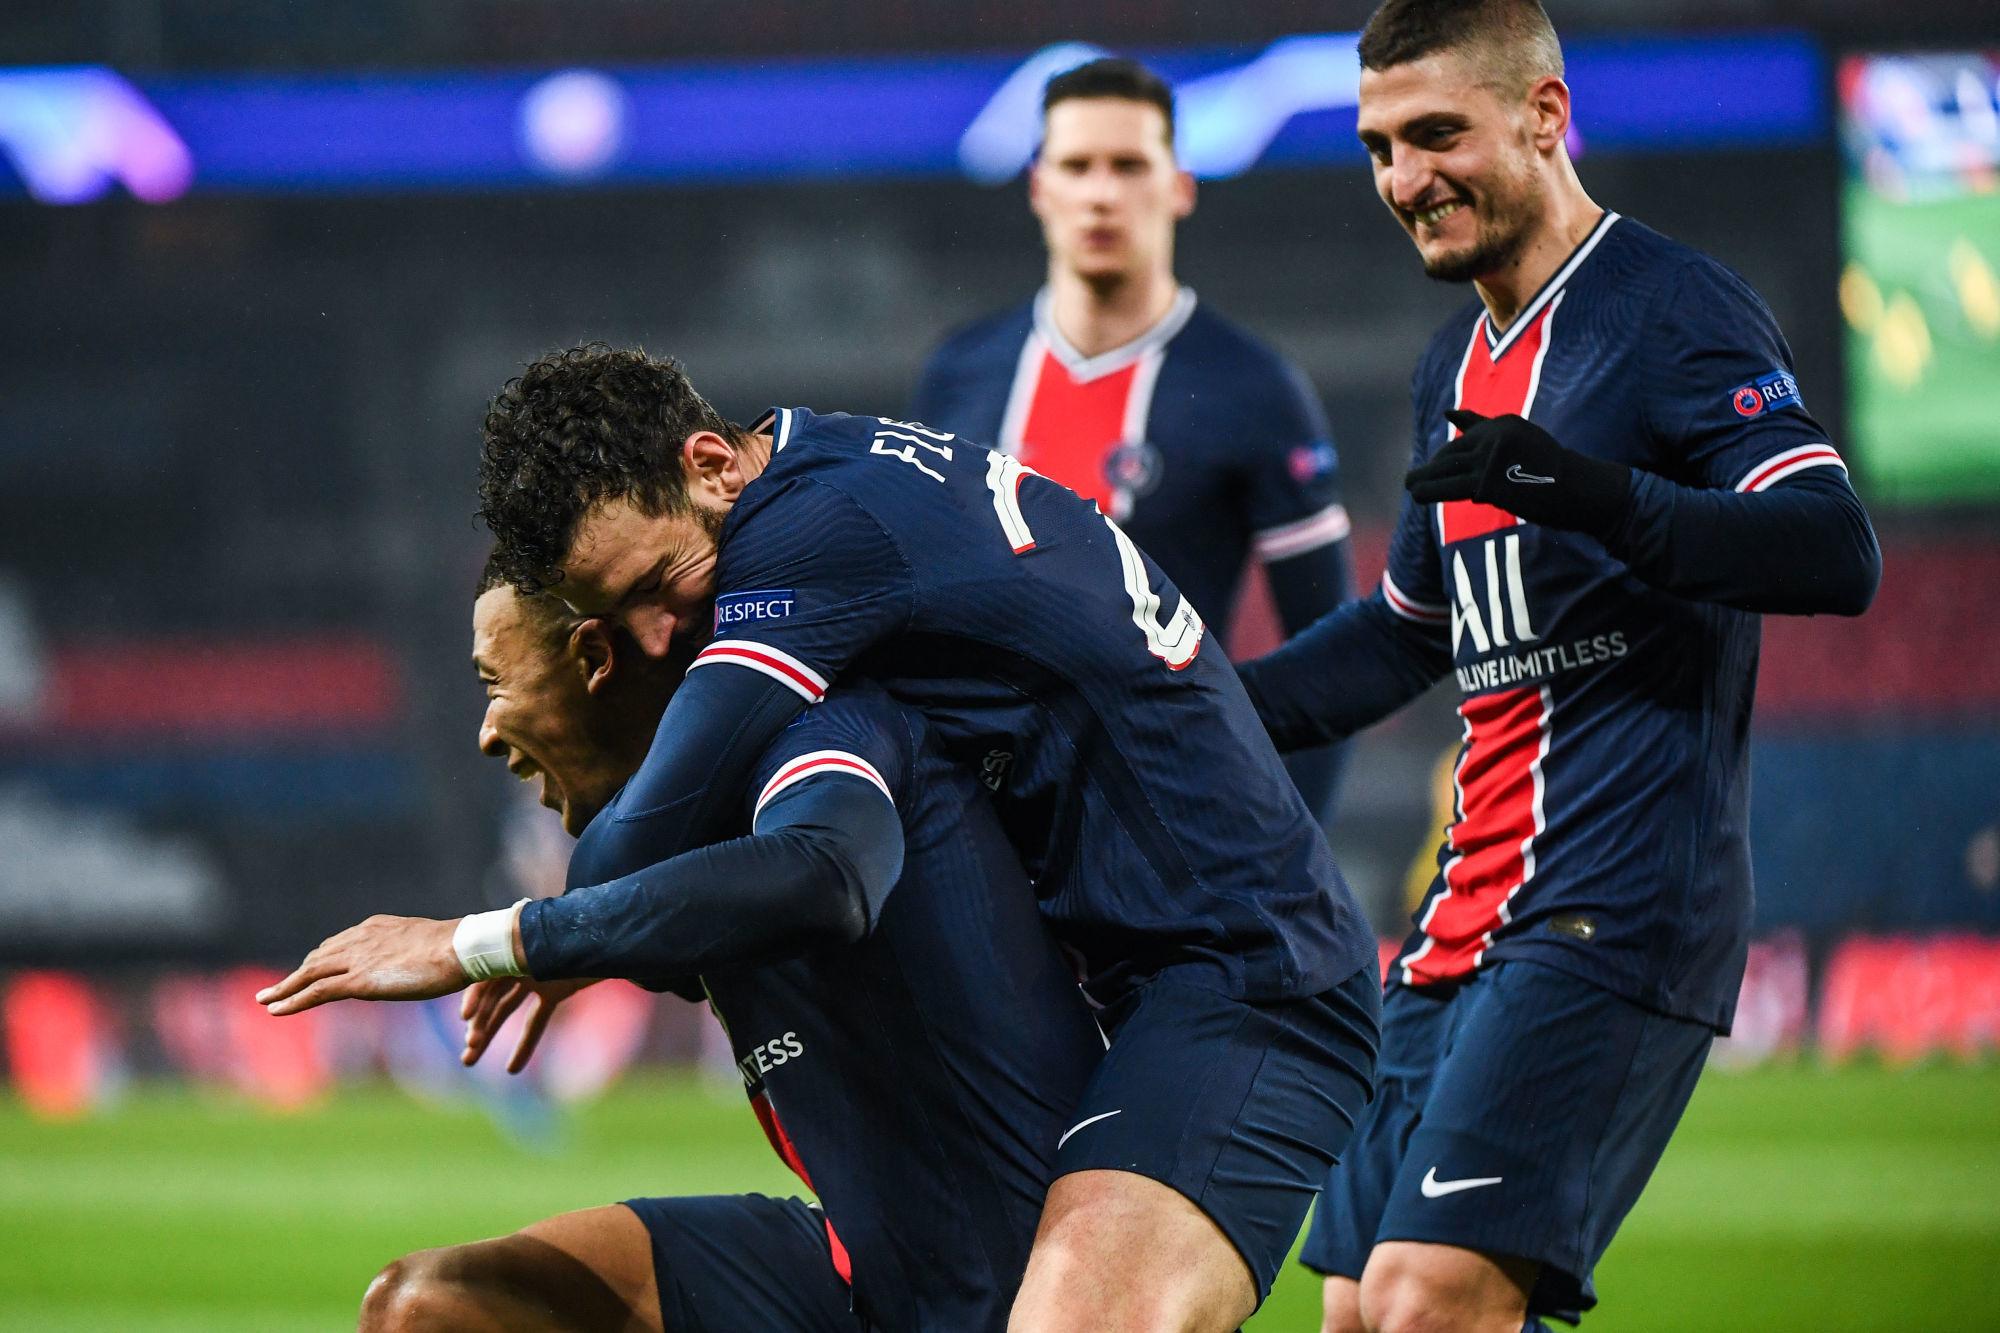 PSG/Bayern - Verratti et Florenzi probablement prêts, confirme Le Parisien